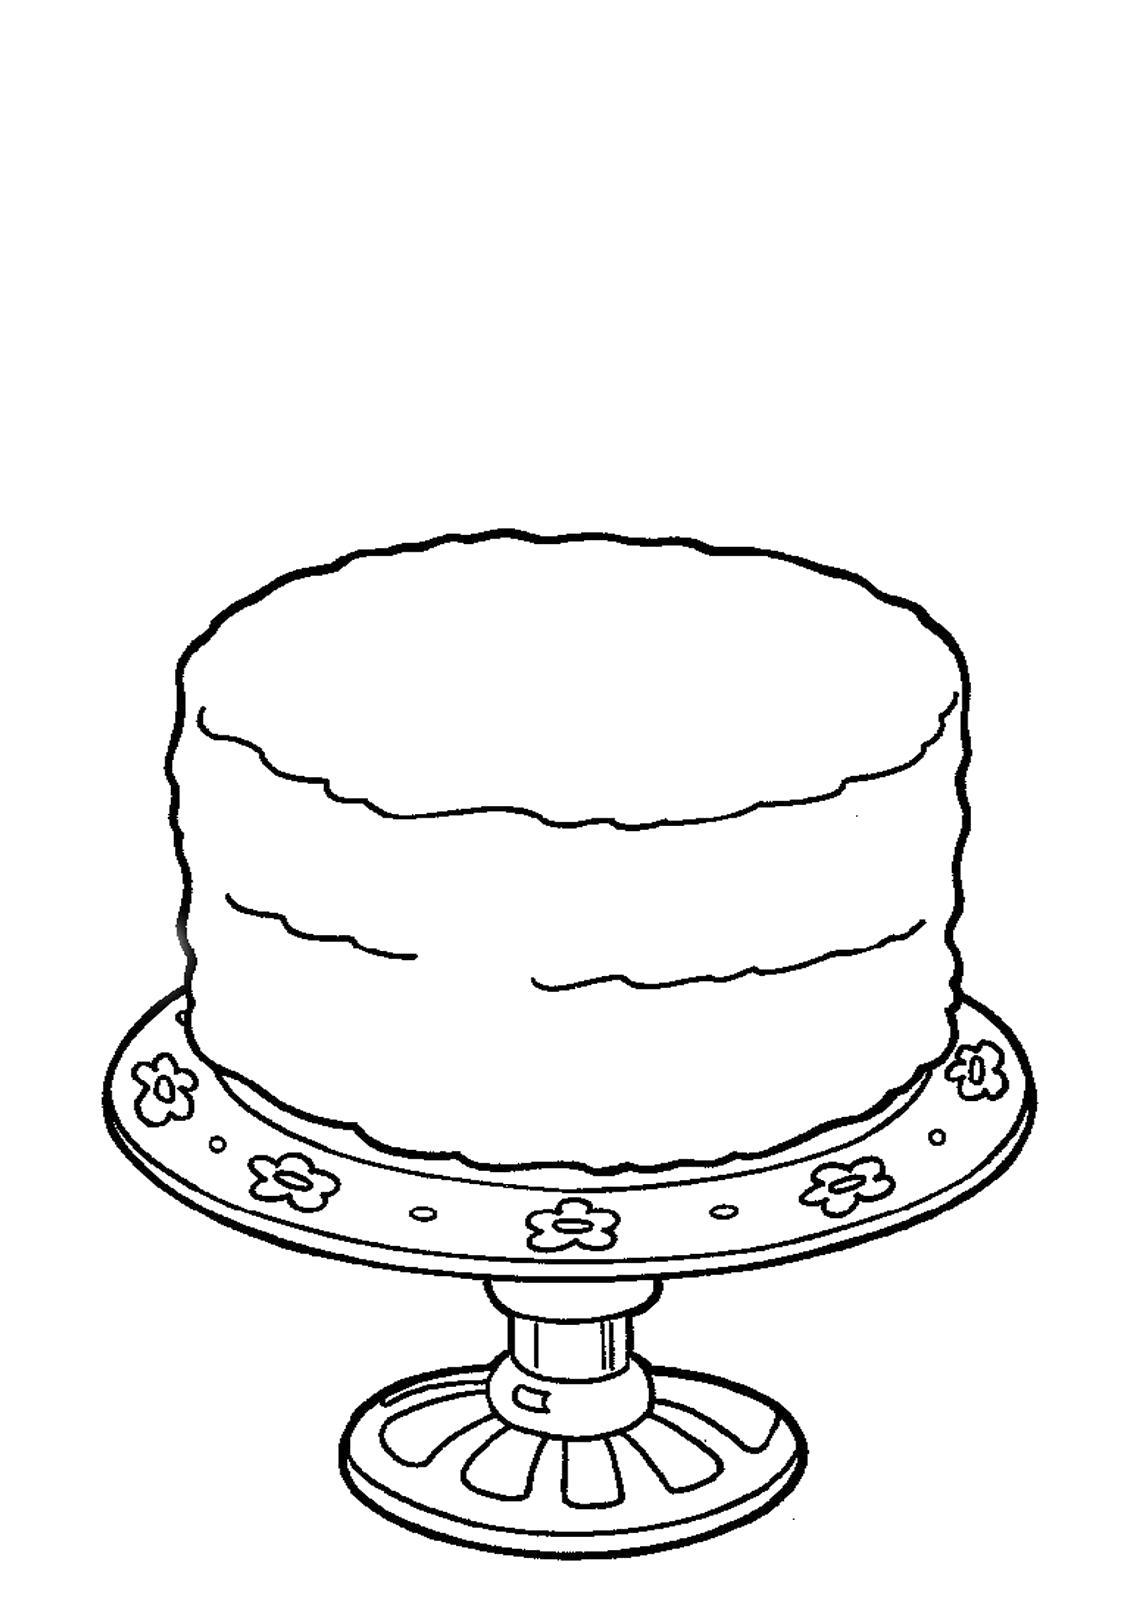 Раскраска  торт. Скачать торт.  Распечатать еда